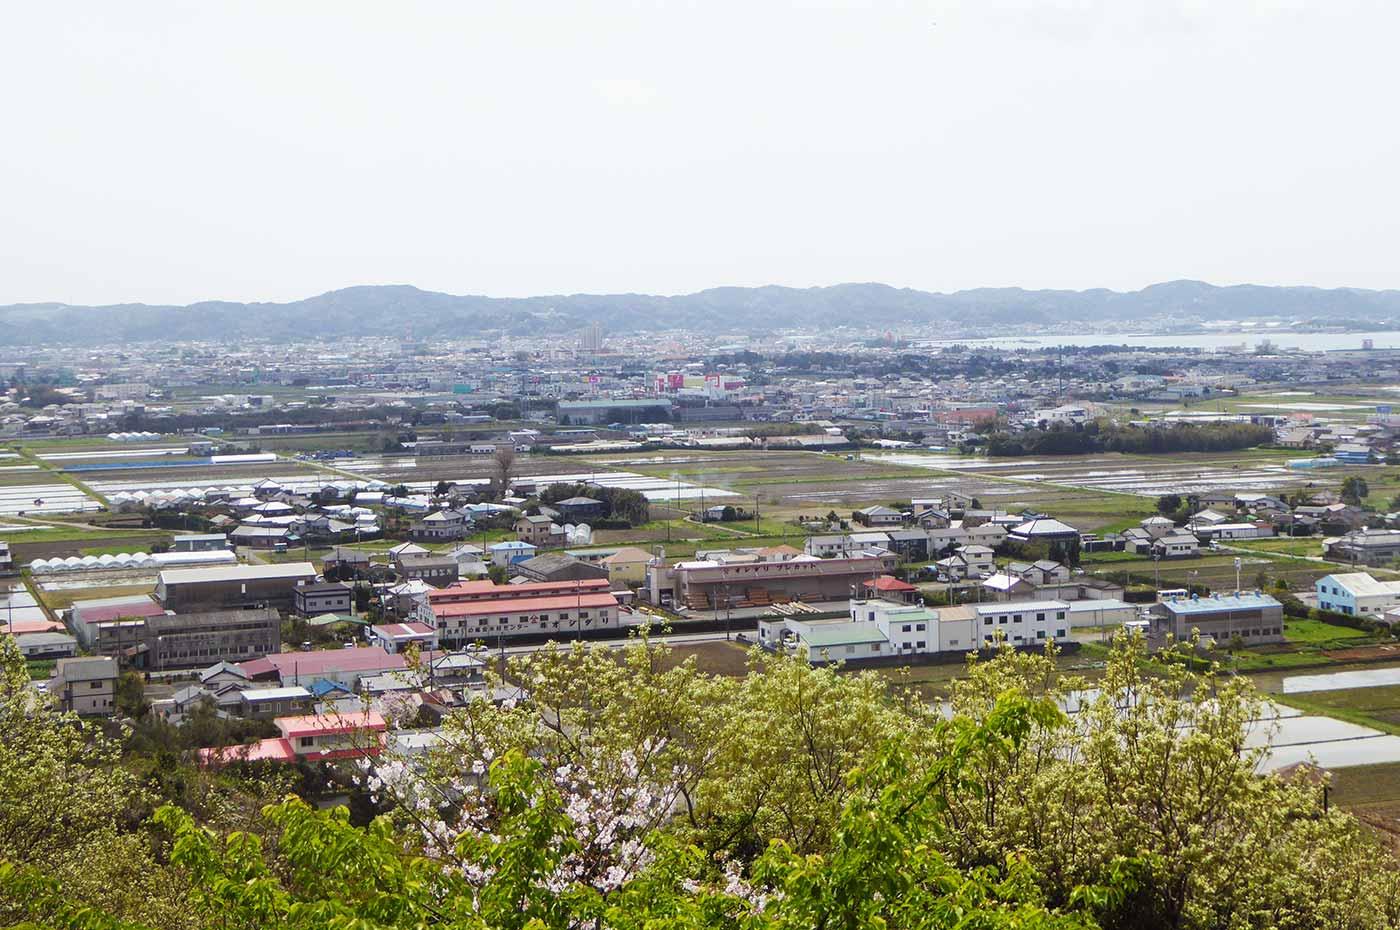 諏訪山から見た館山市内の風景